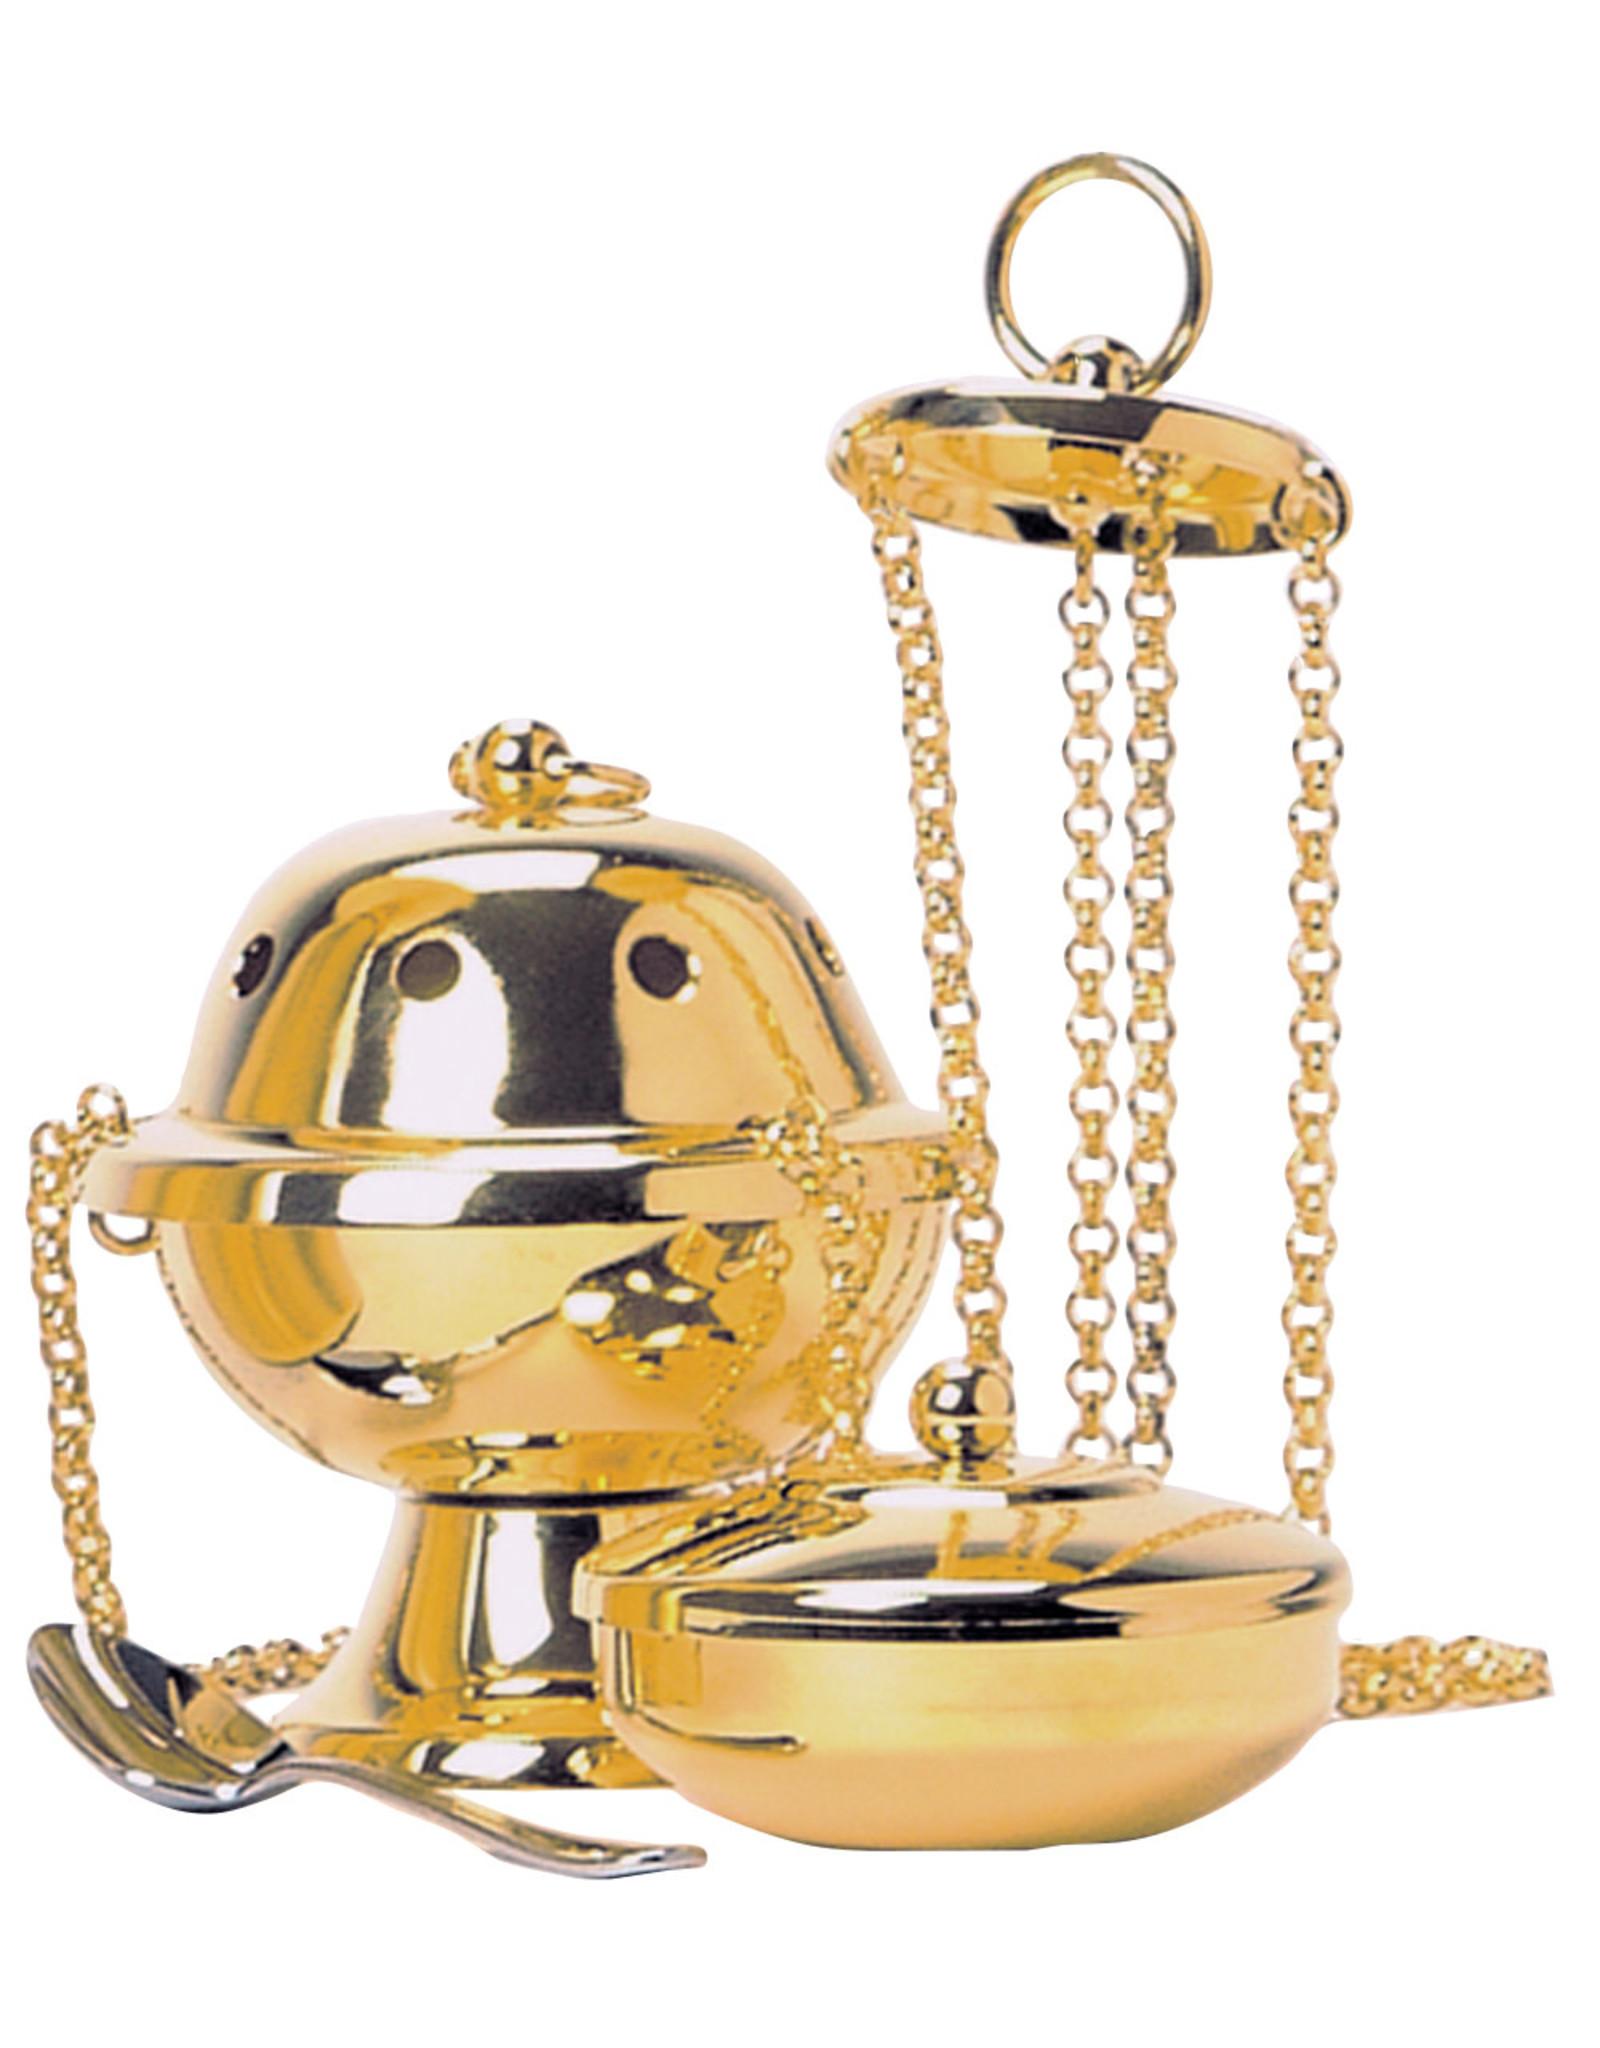 Censer, Boat & Spoon, 24kt Gold (3pc Set)